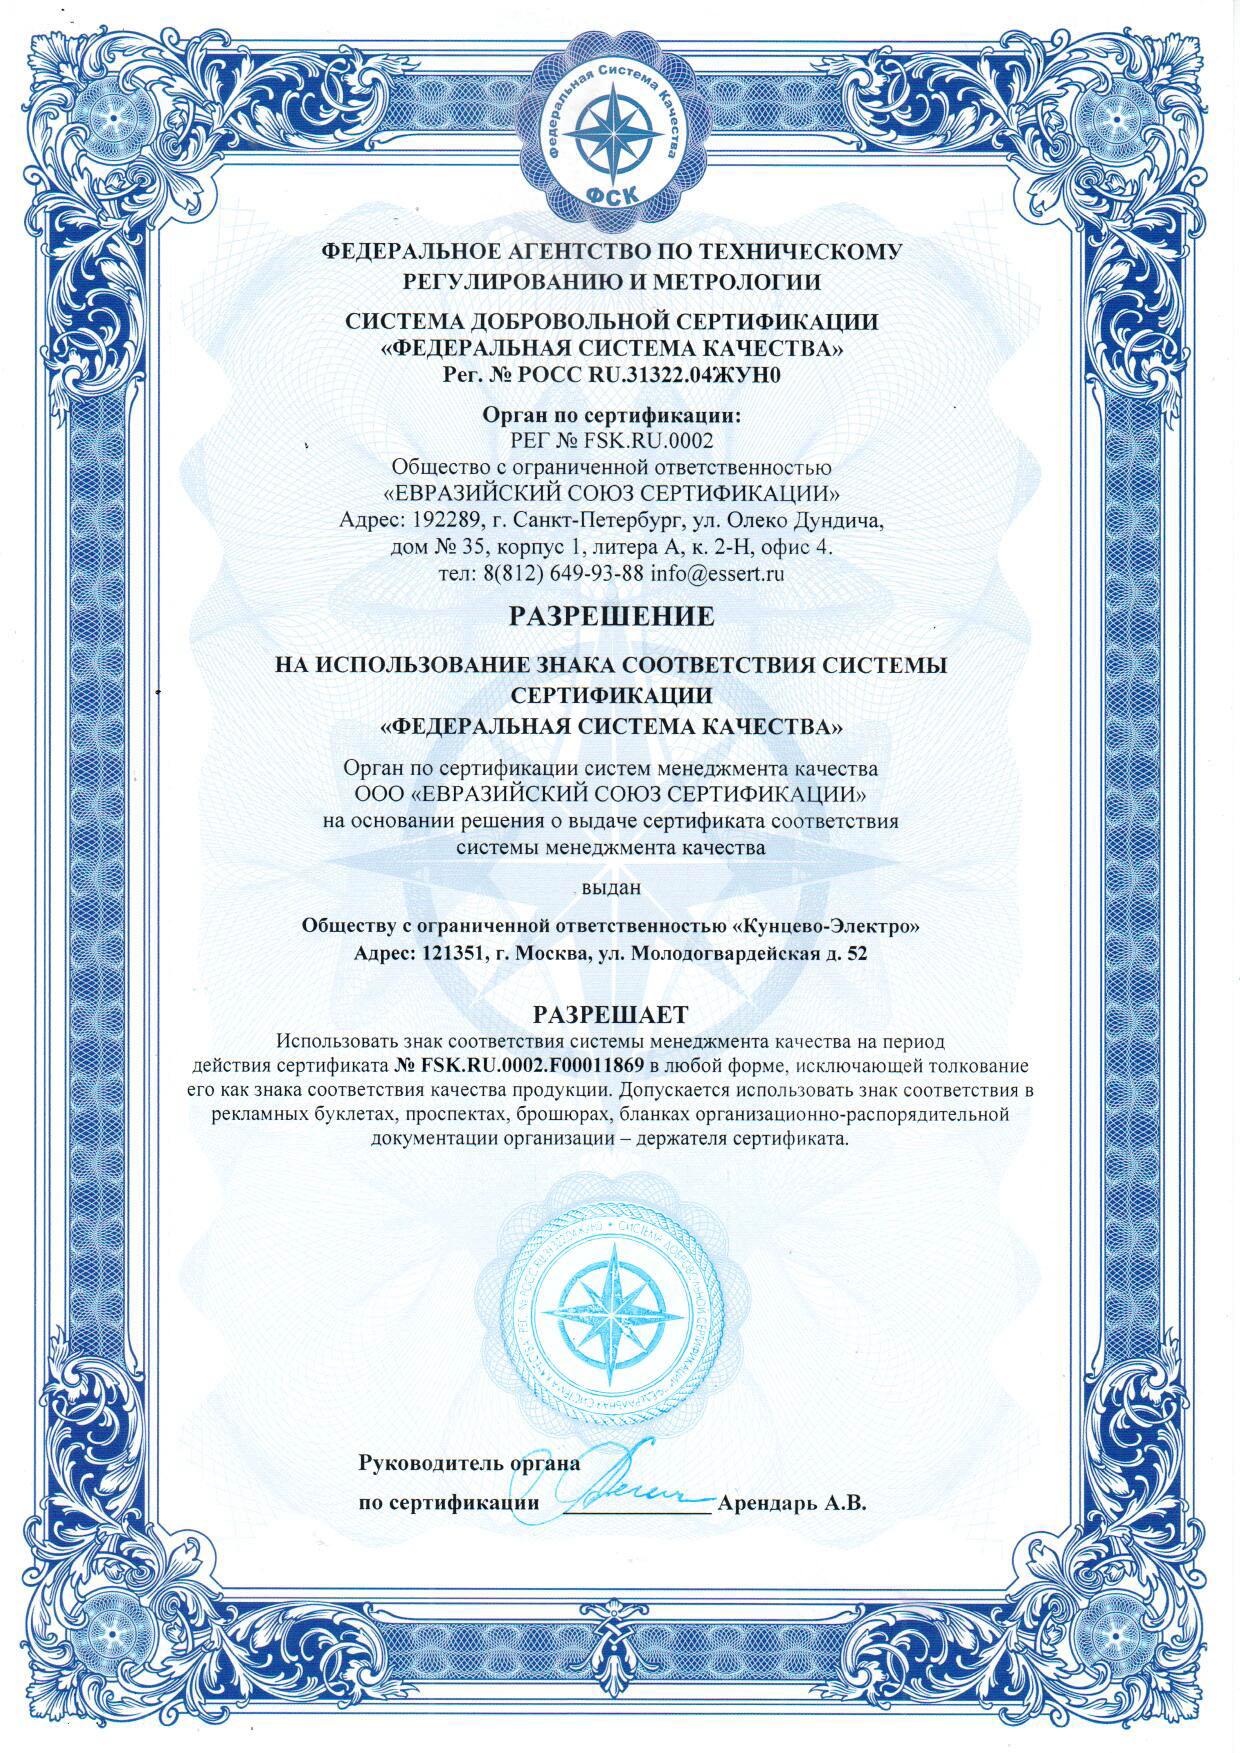 Разрешение на использование знака соответствия системы сертификации